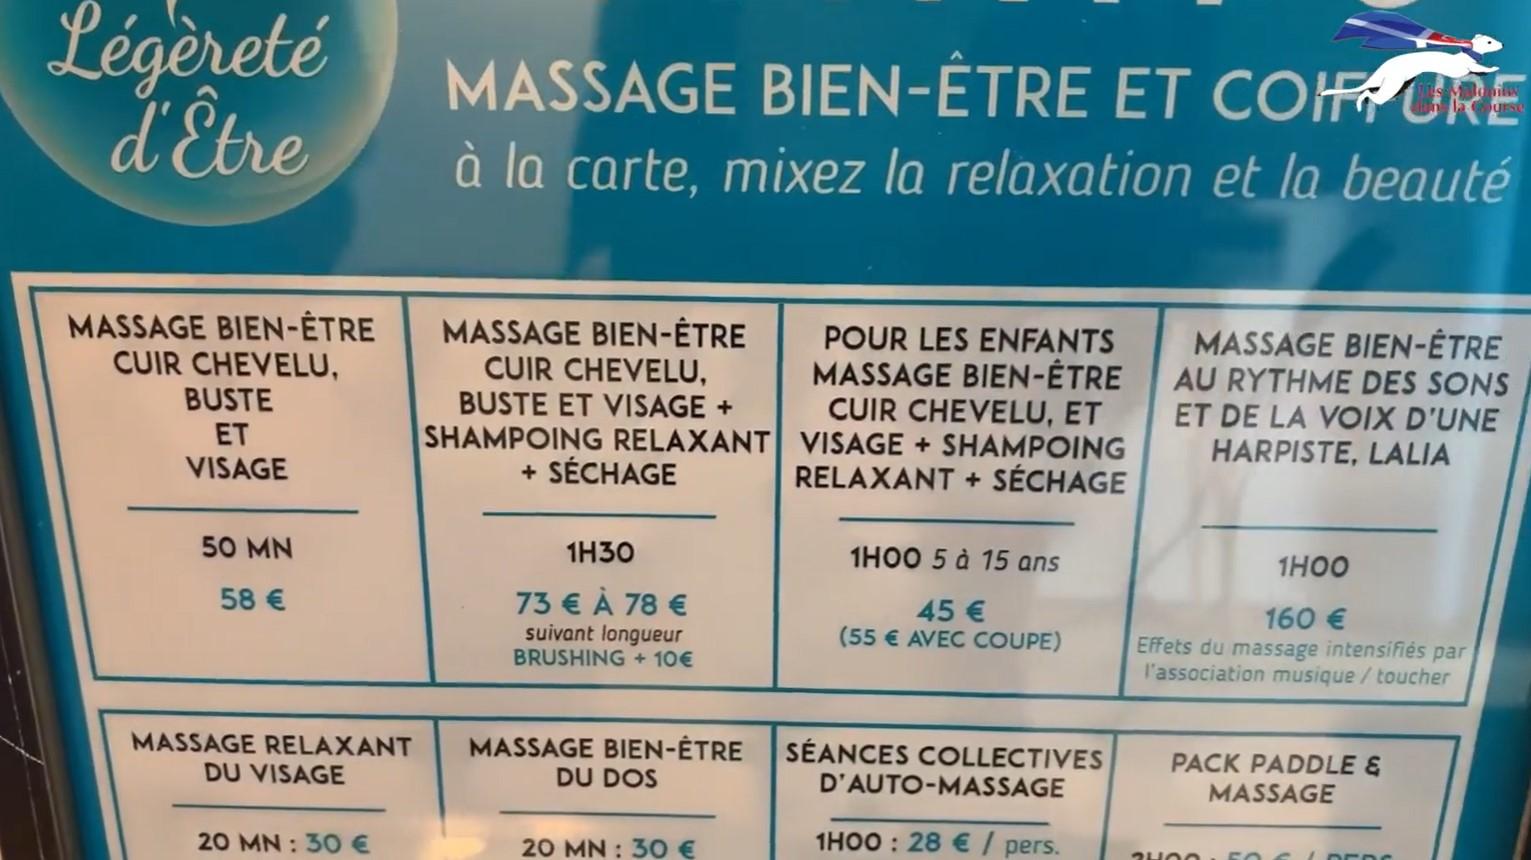 La carte des soins Massage bien-être adulte ou enfant, avec harpiste, Séances collectives d'auto-massage, Pack Sup & Massage